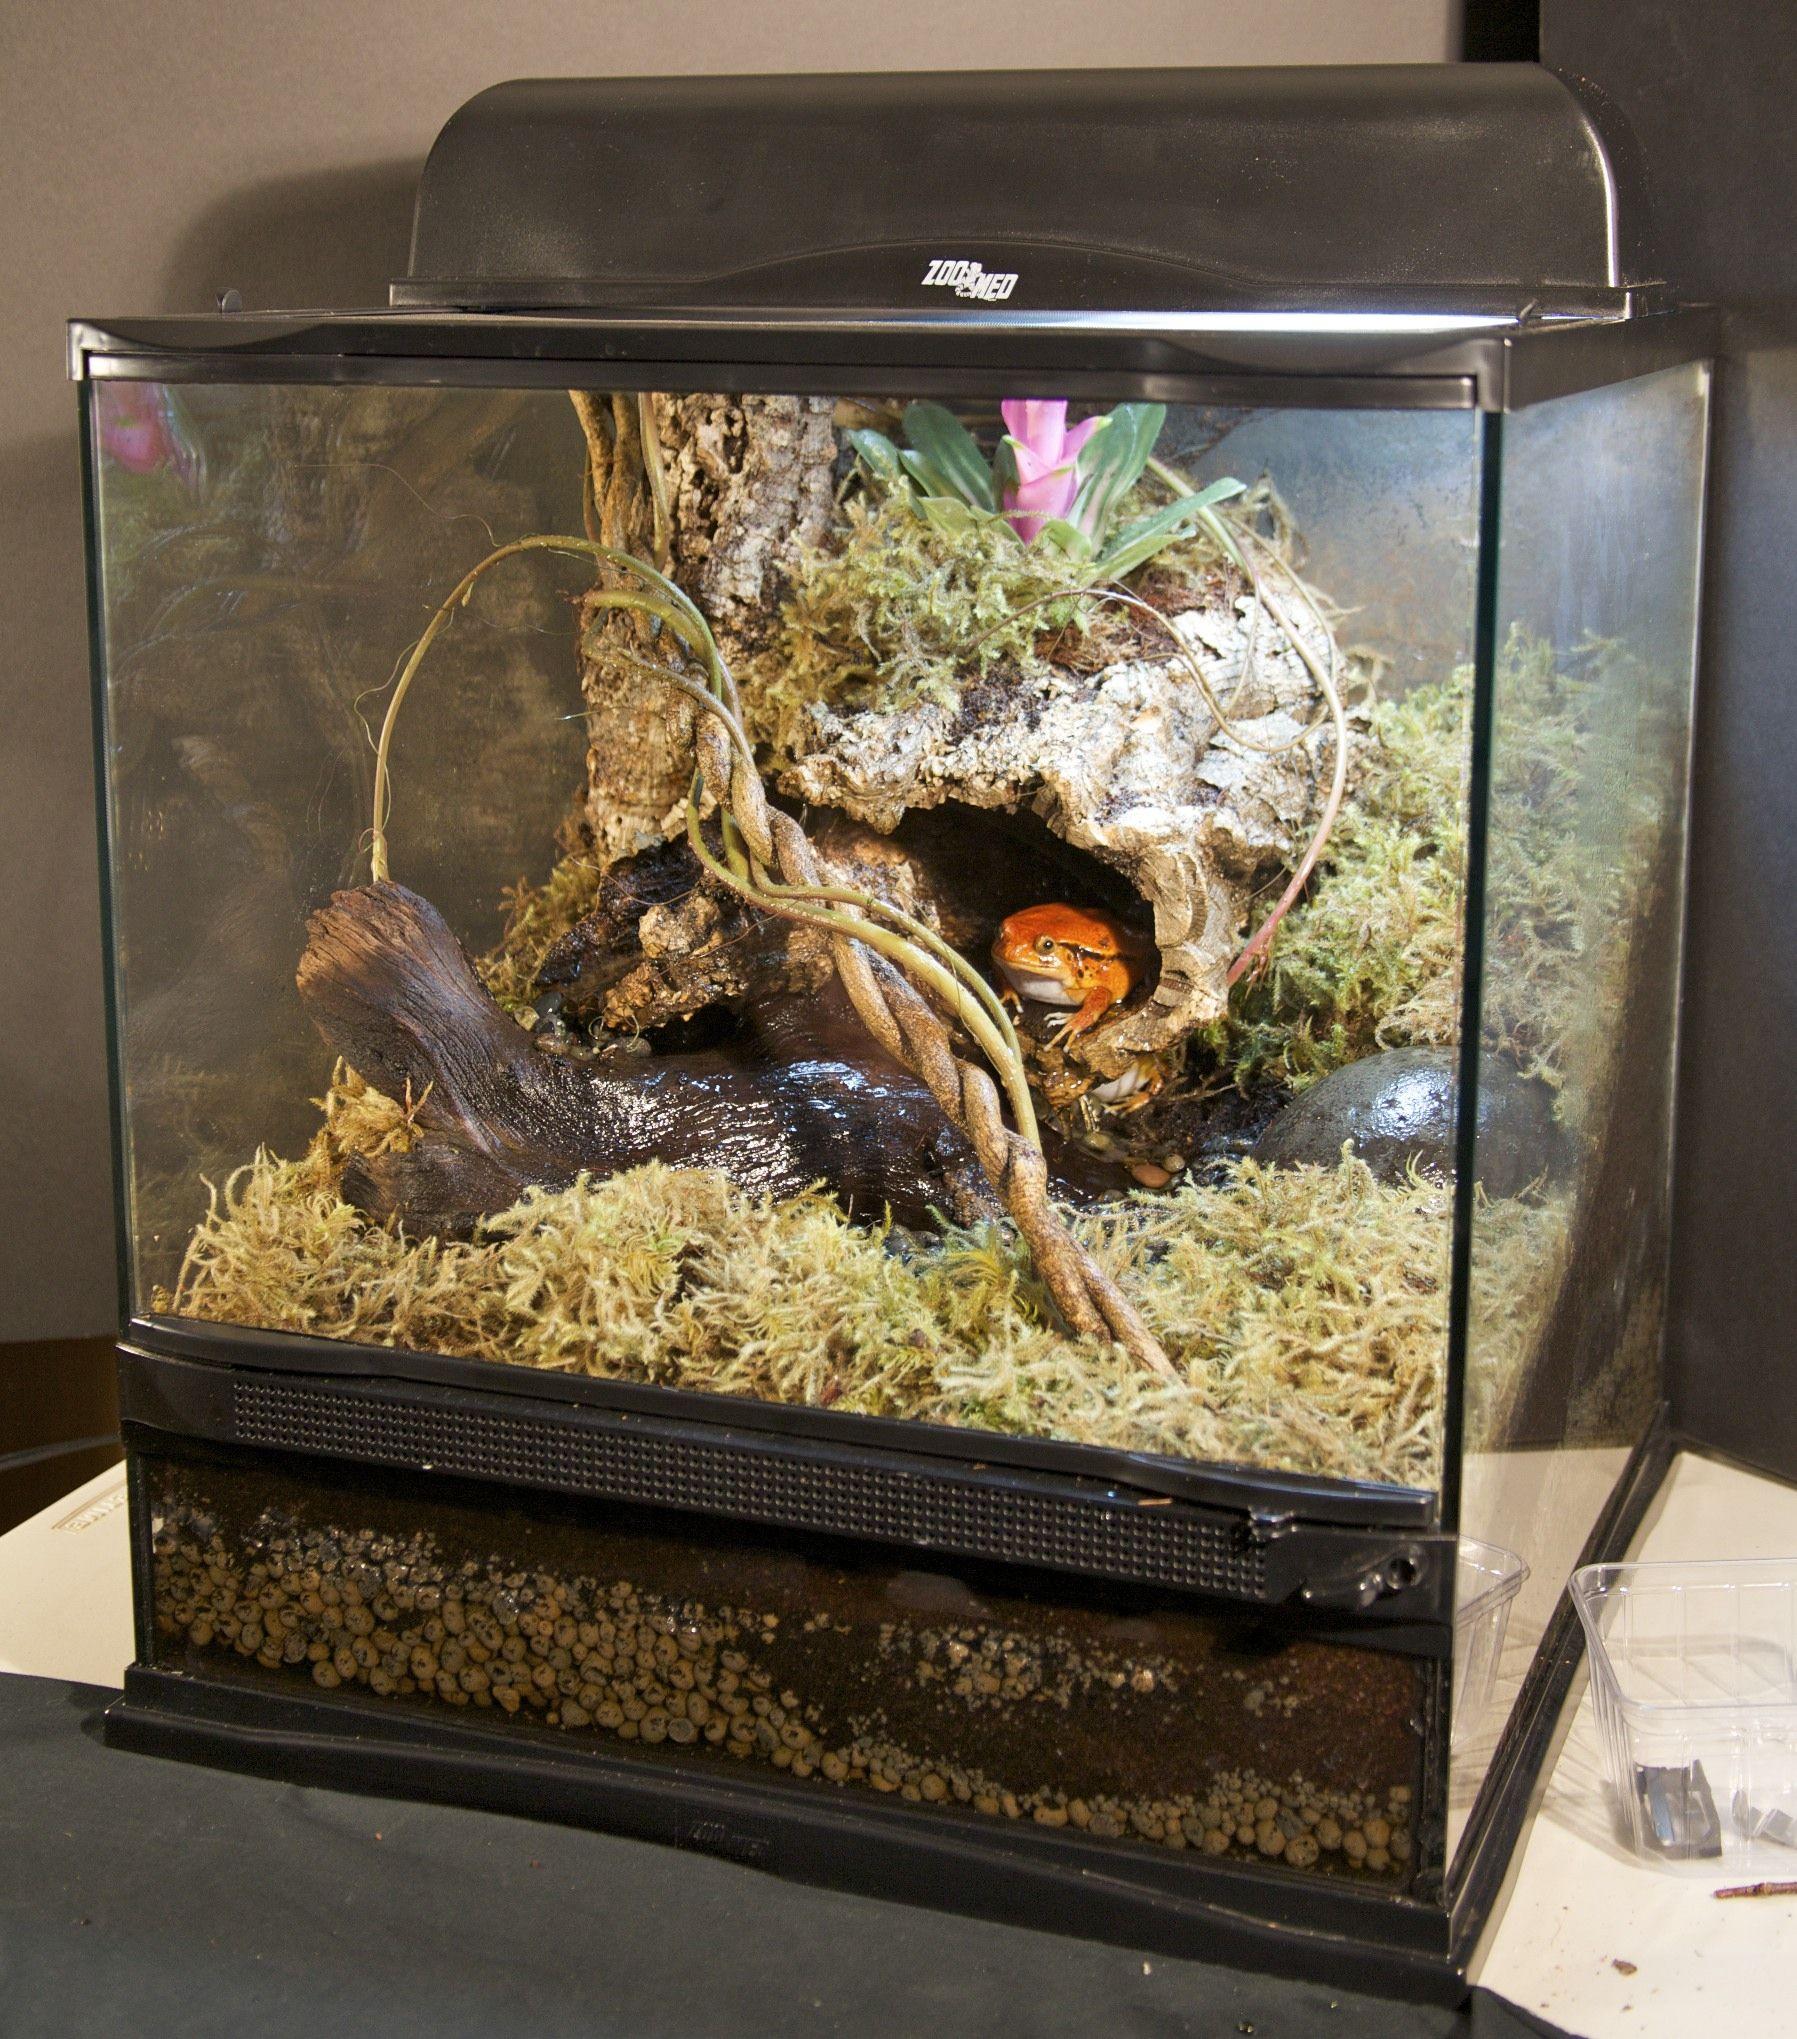 f125f67ed8ad4c924b7a6a515de3d615 Incroyable De Aquarium Deco Des Idées